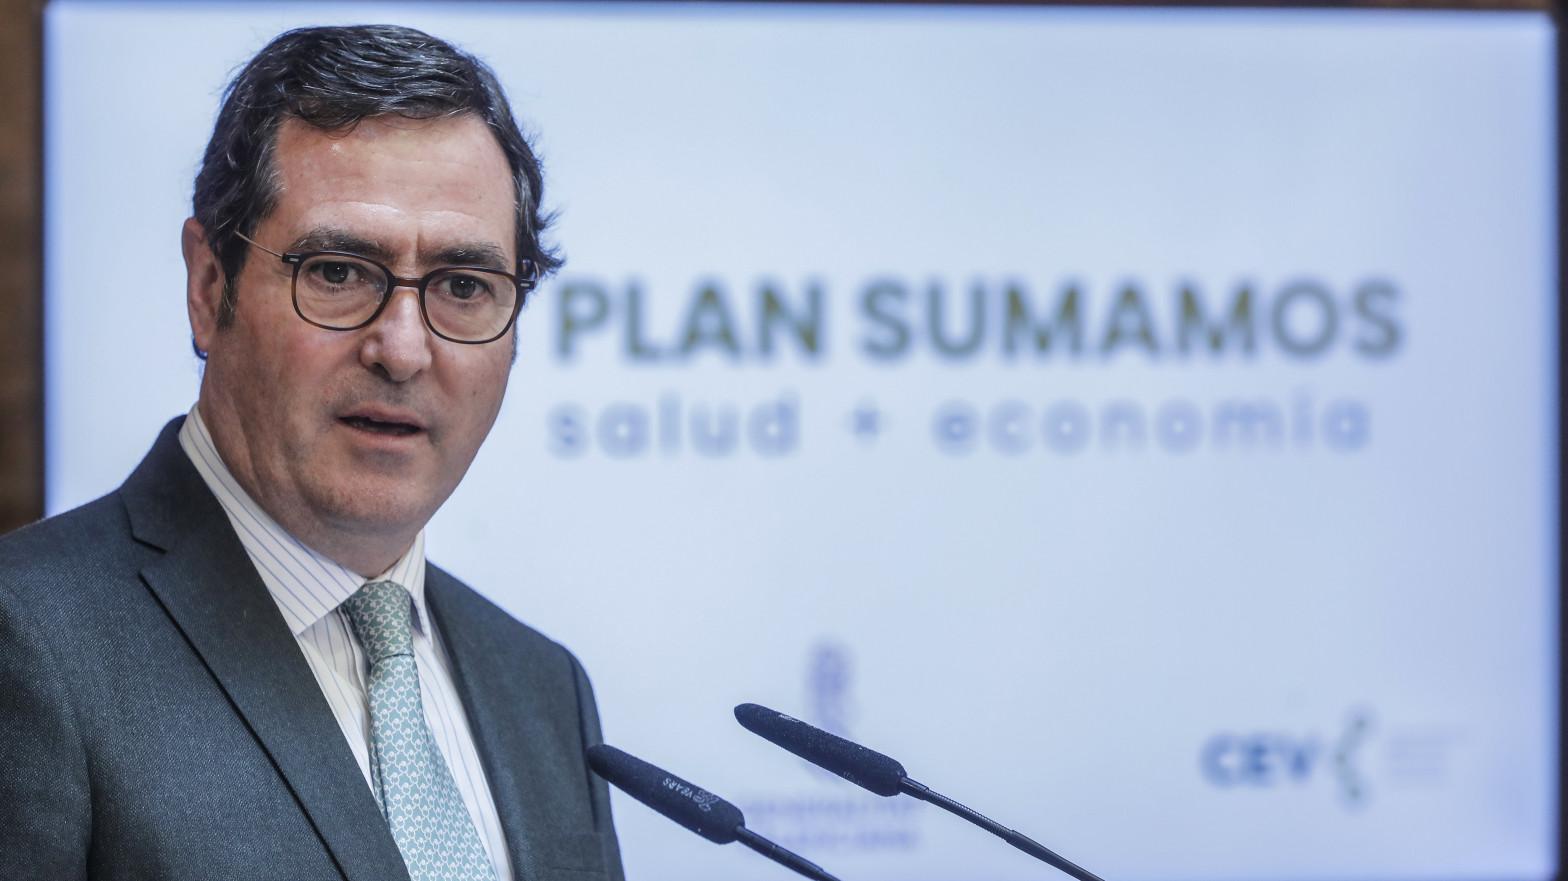 El presidente de la CEOE 'planta' al candidato Iglesias y evita hacerse una foto